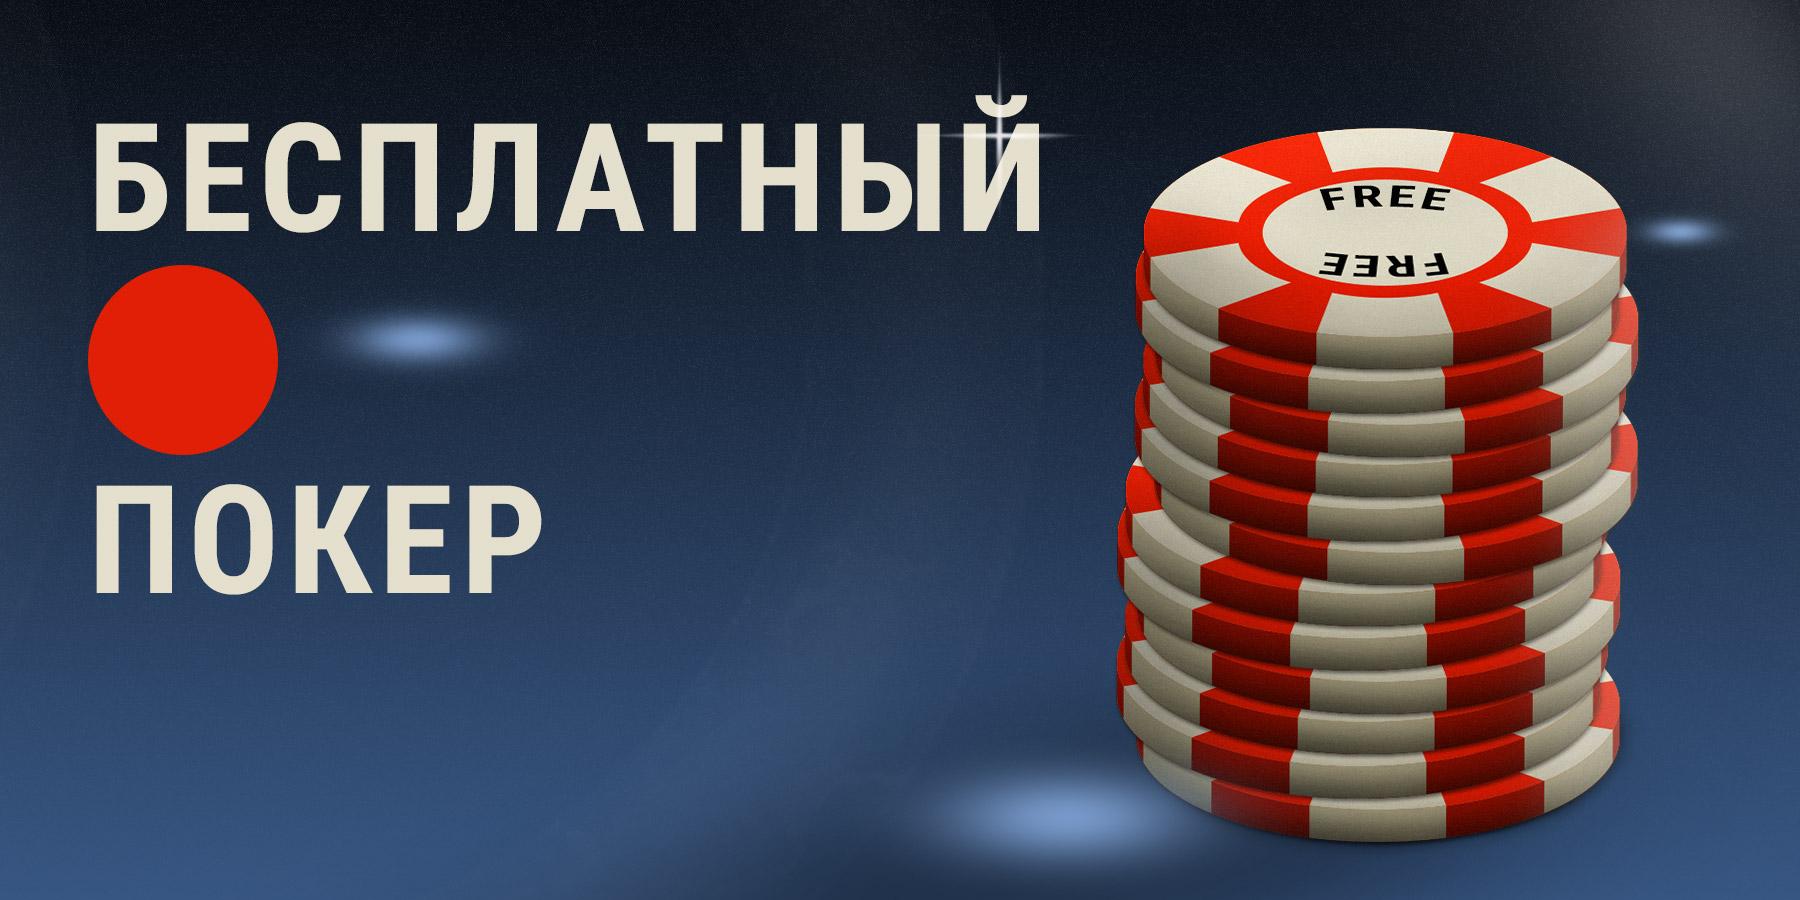 Бесплатный покер.